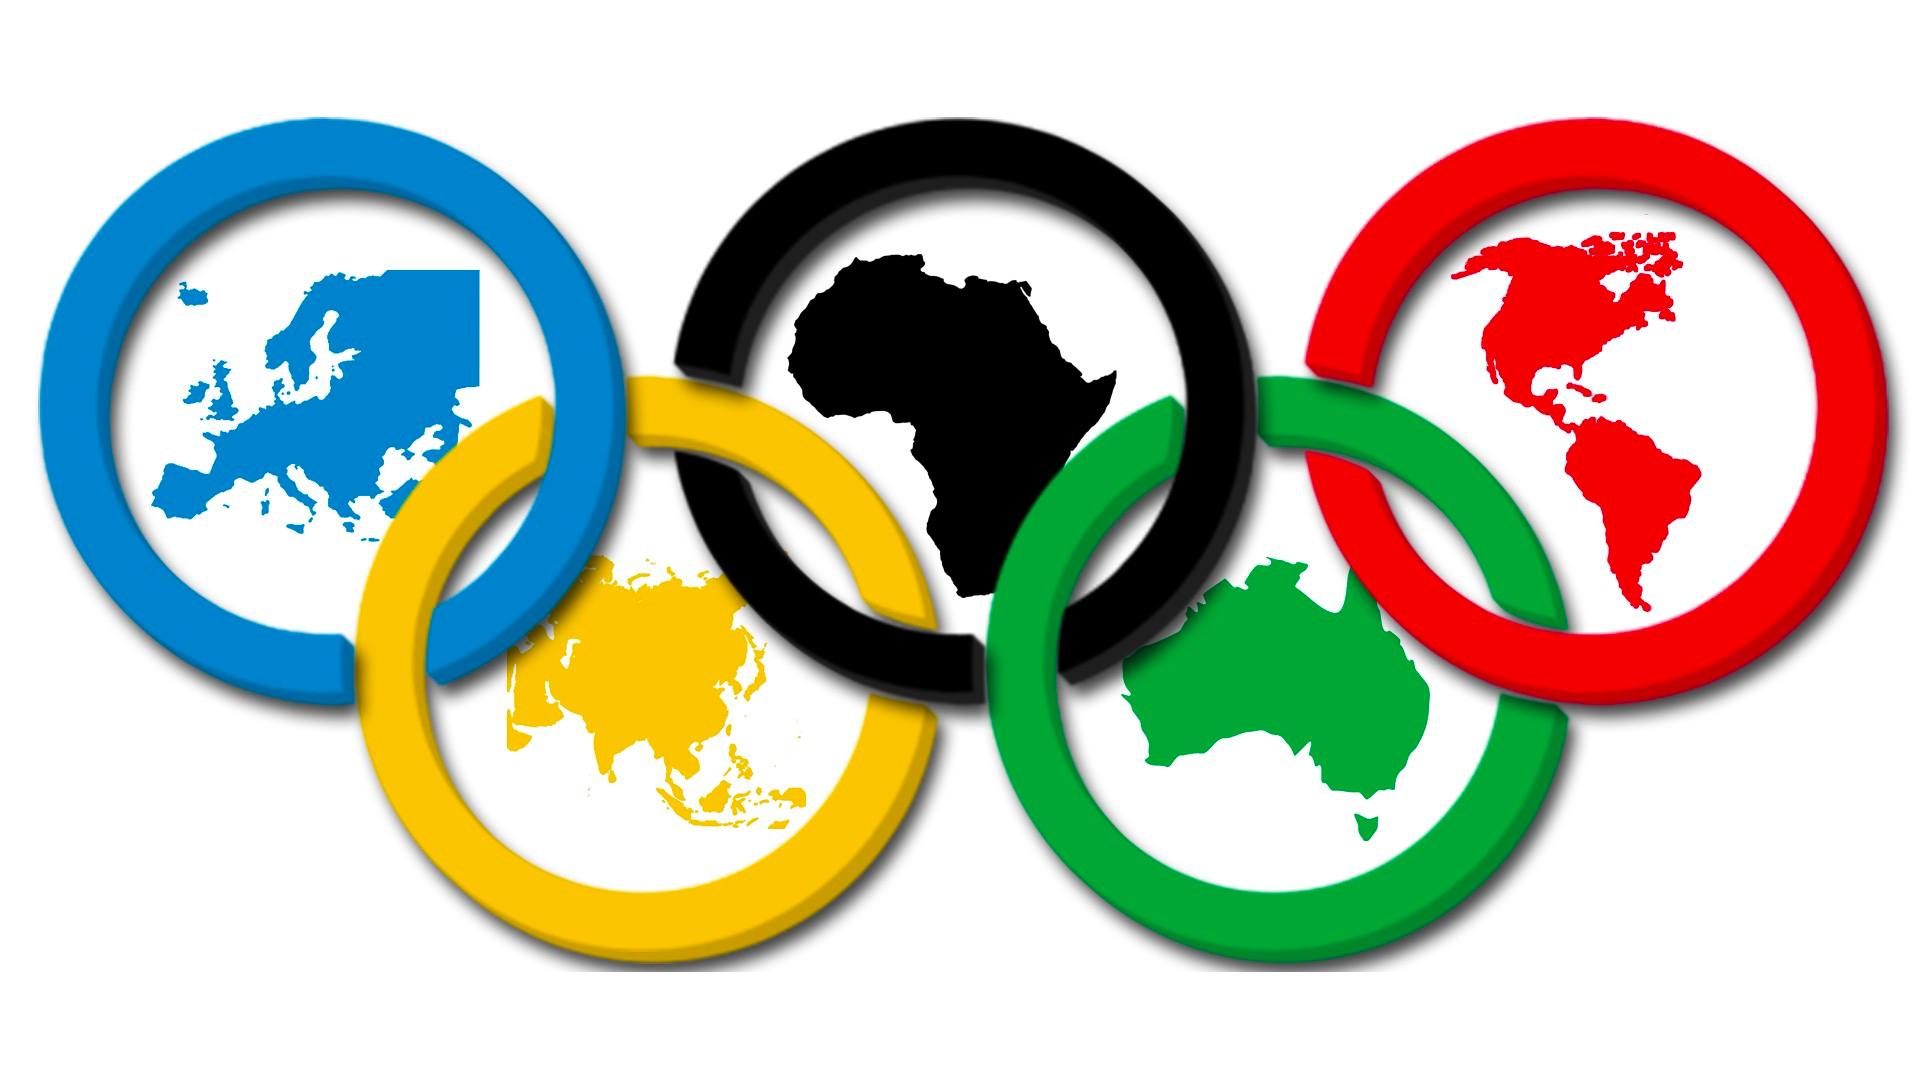 Olimpiyat logosuna ait bir görsel.